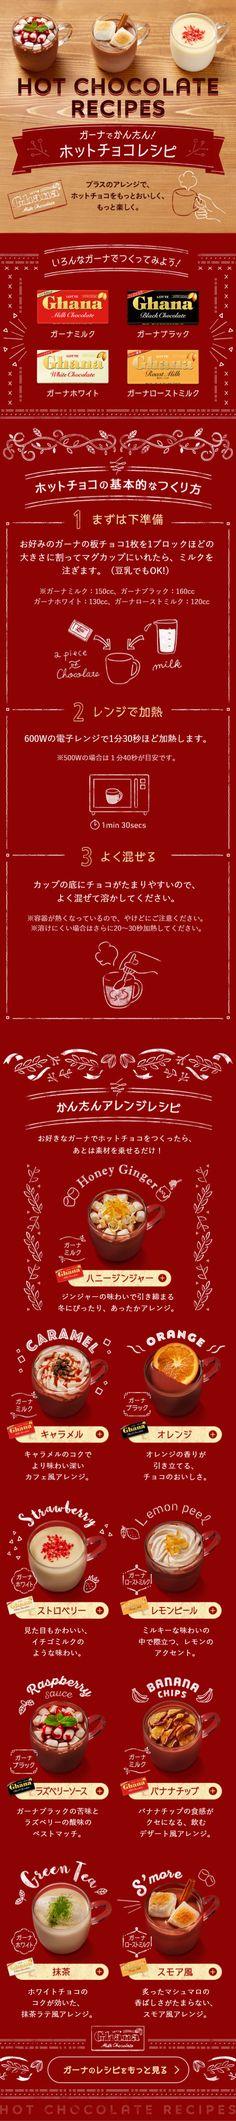 LOTTE様の「ガーナでかんたん!ホットチョコレシピ」のスマホランディングページ(LP)かわいい系|スイーツ・スナック菓子 #LP #ランディングページ #ランペ #ガーナでかんたん!ホットチョコレシピ